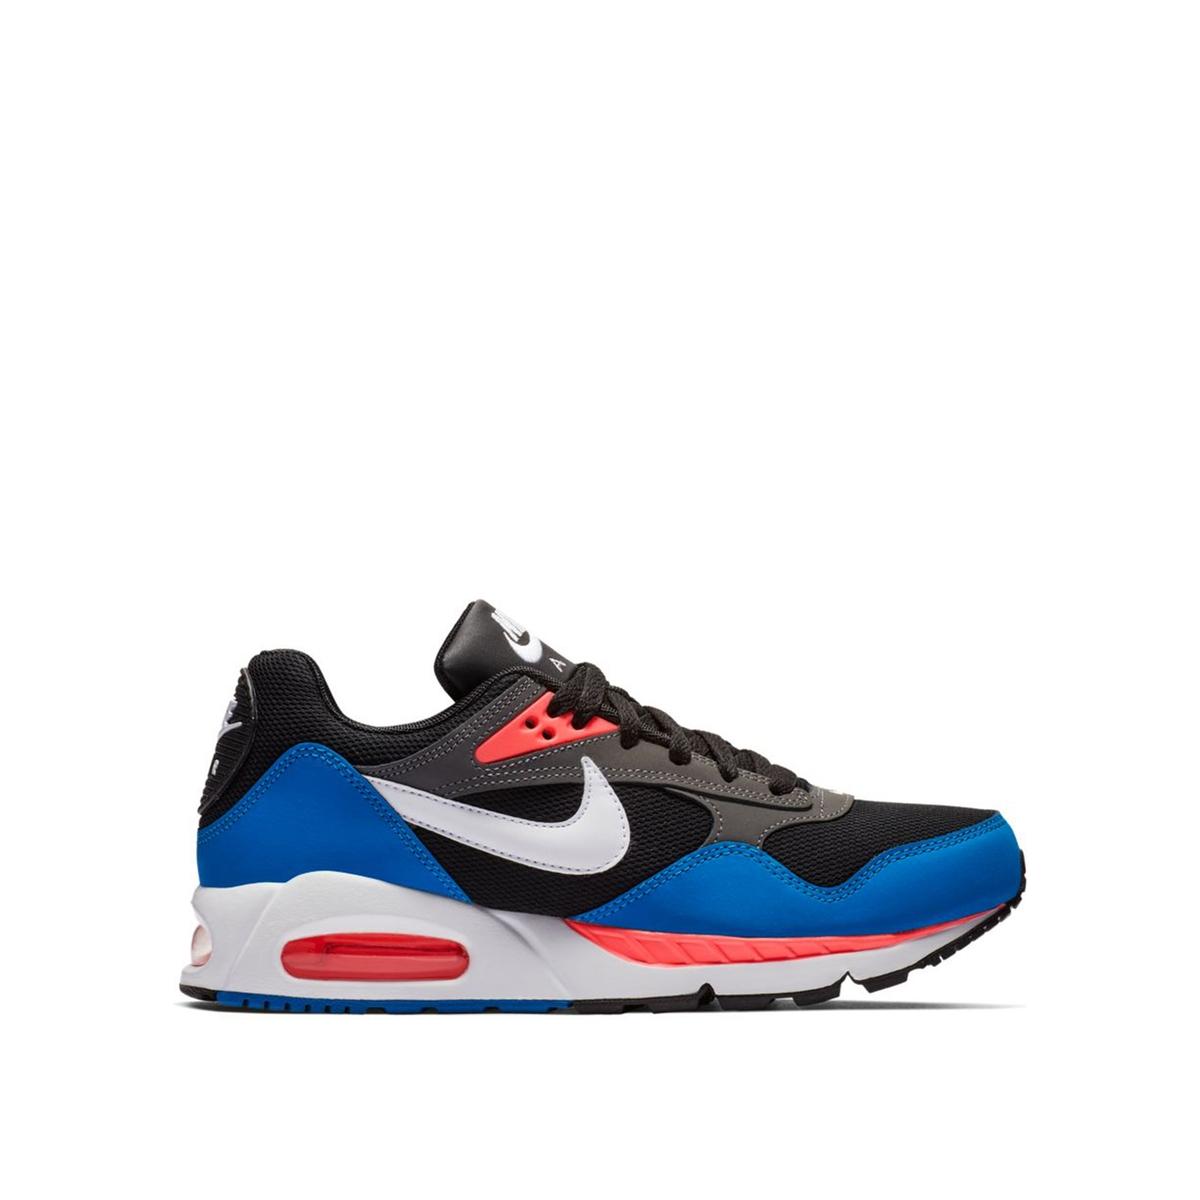 Imagen adicional de producto de Zapatillas Air Max Correlate - Nike